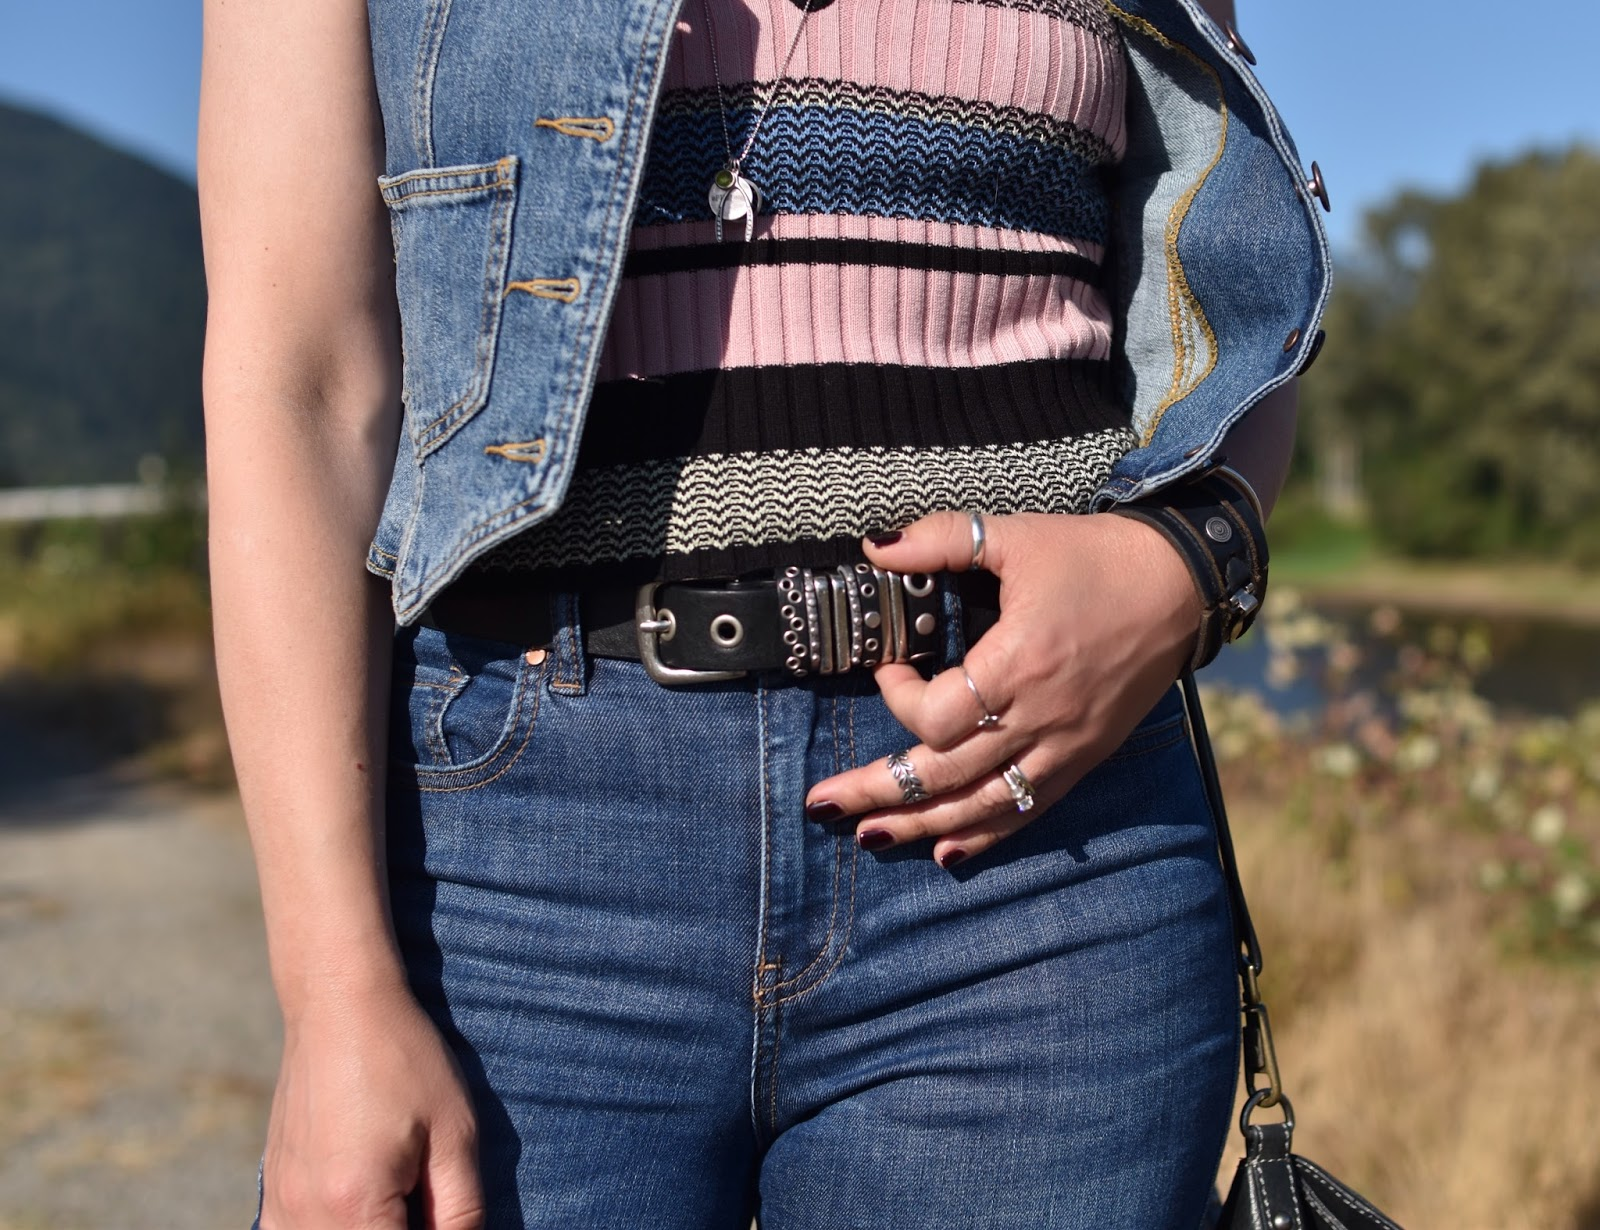 Monika Faulkner outfit inspiration - jeans, striped tank top, denim vest, stud-embellished belt